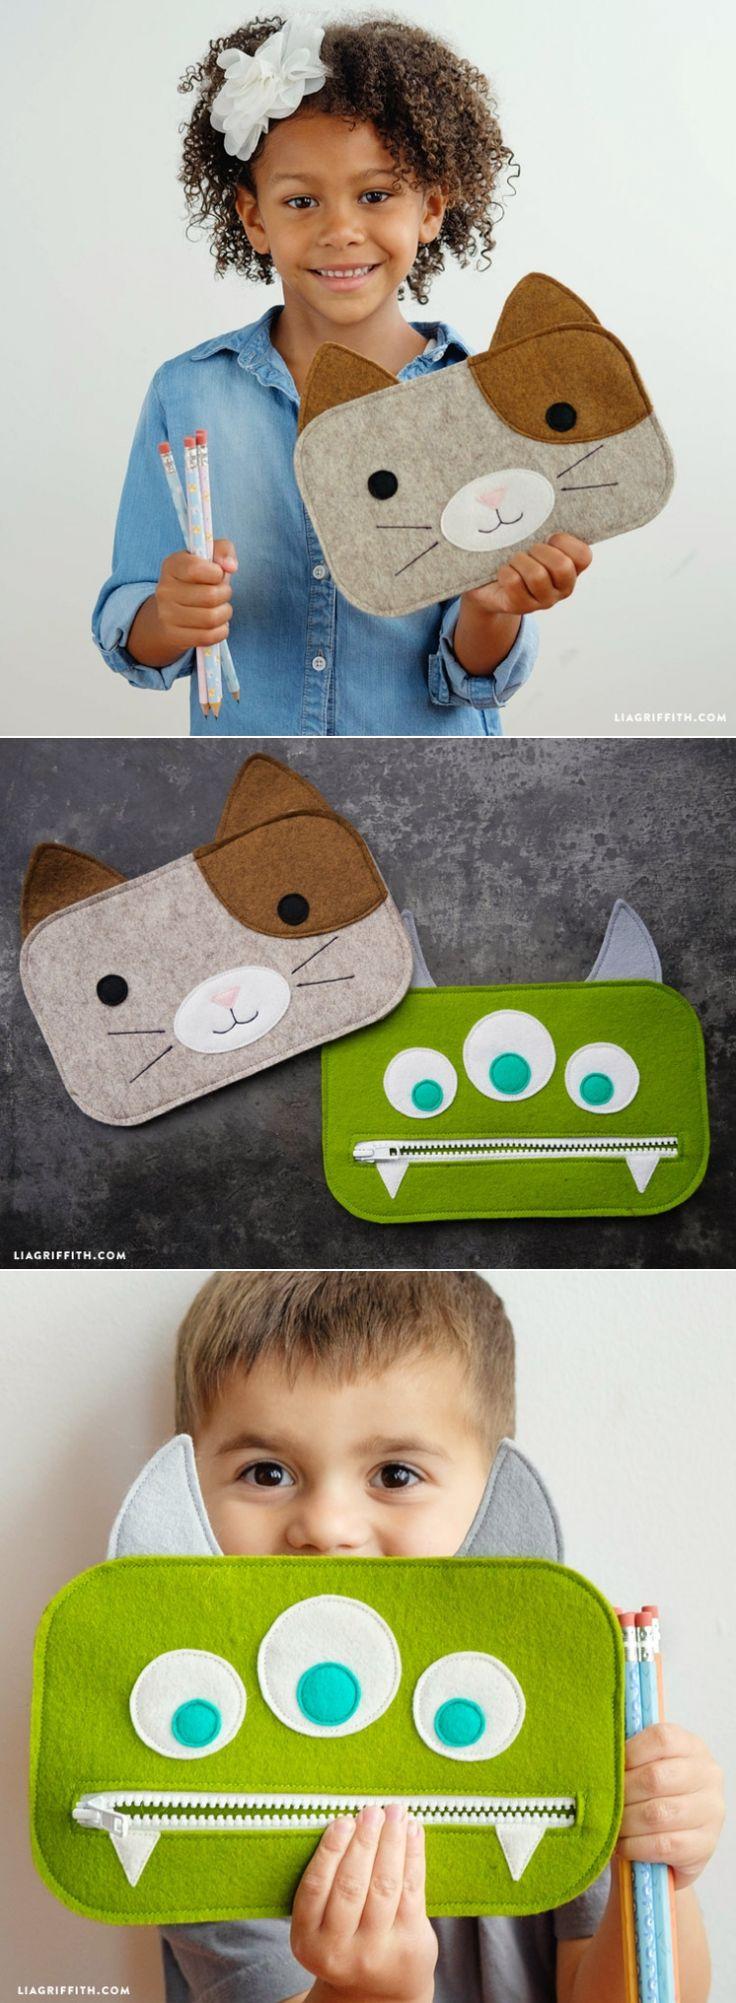 Divertidas lapiceras de sus personajes favoritos. #proyecto #costura #lapicera